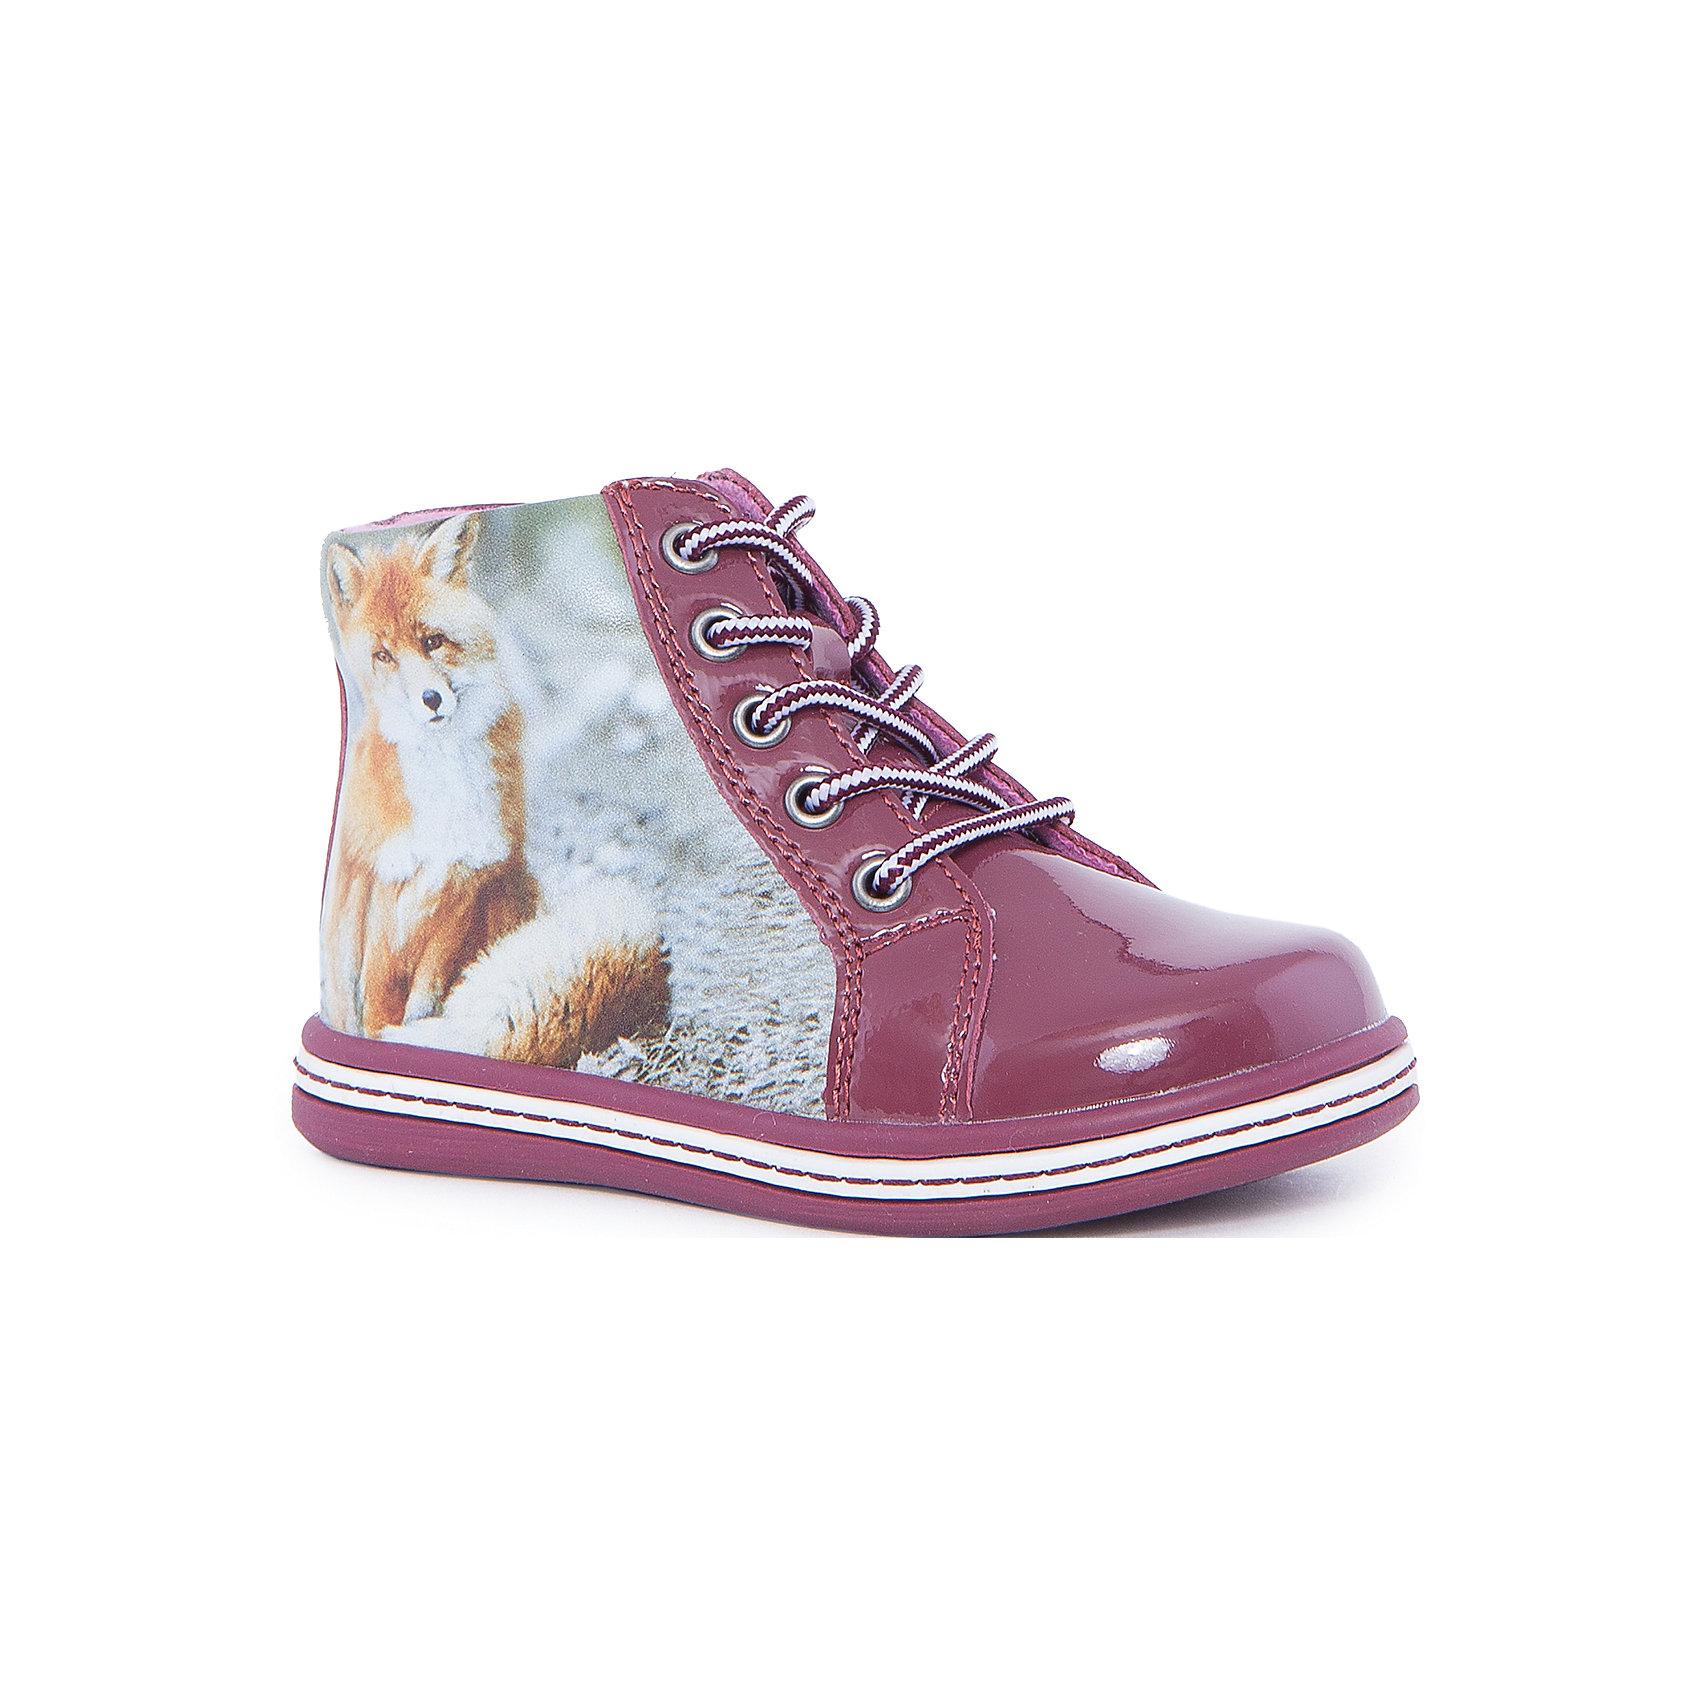 Ботинки для девочки KAPIKAБотинки<br>Ботинки для девочки KAPIKA – стиль, удобство и комфорт.<br>Красивые ботиночки из натуральной кожи сделаны со специальным супинатором, который делает носку комфортной. Стелька и подкладка также из натуральной кожи. Ботиночки застегиваются с помощью молнии. Можно регулировать полноту модели с помощью шнурков.<br><br>Дополнительная информация:<br><br>- материал верха: натуральная кожа, микрофибра<br>- материал подкладки: 80% шерсти<br>- цвет: розовые<br><br>Ботинки для девочки KAPIKA можно купить в нашем интернет магазине.<br><br>Ширина мм: 262<br>Глубина мм: 176<br>Высота мм: 97<br>Вес г: 427<br>Цвет: красный<br>Возраст от месяцев: 18<br>Возраст до месяцев: 21<br>Пол: Женский<br>Возраст: Детский<br>Размер: 23,27,24,25,26<br>SKU: 4988047